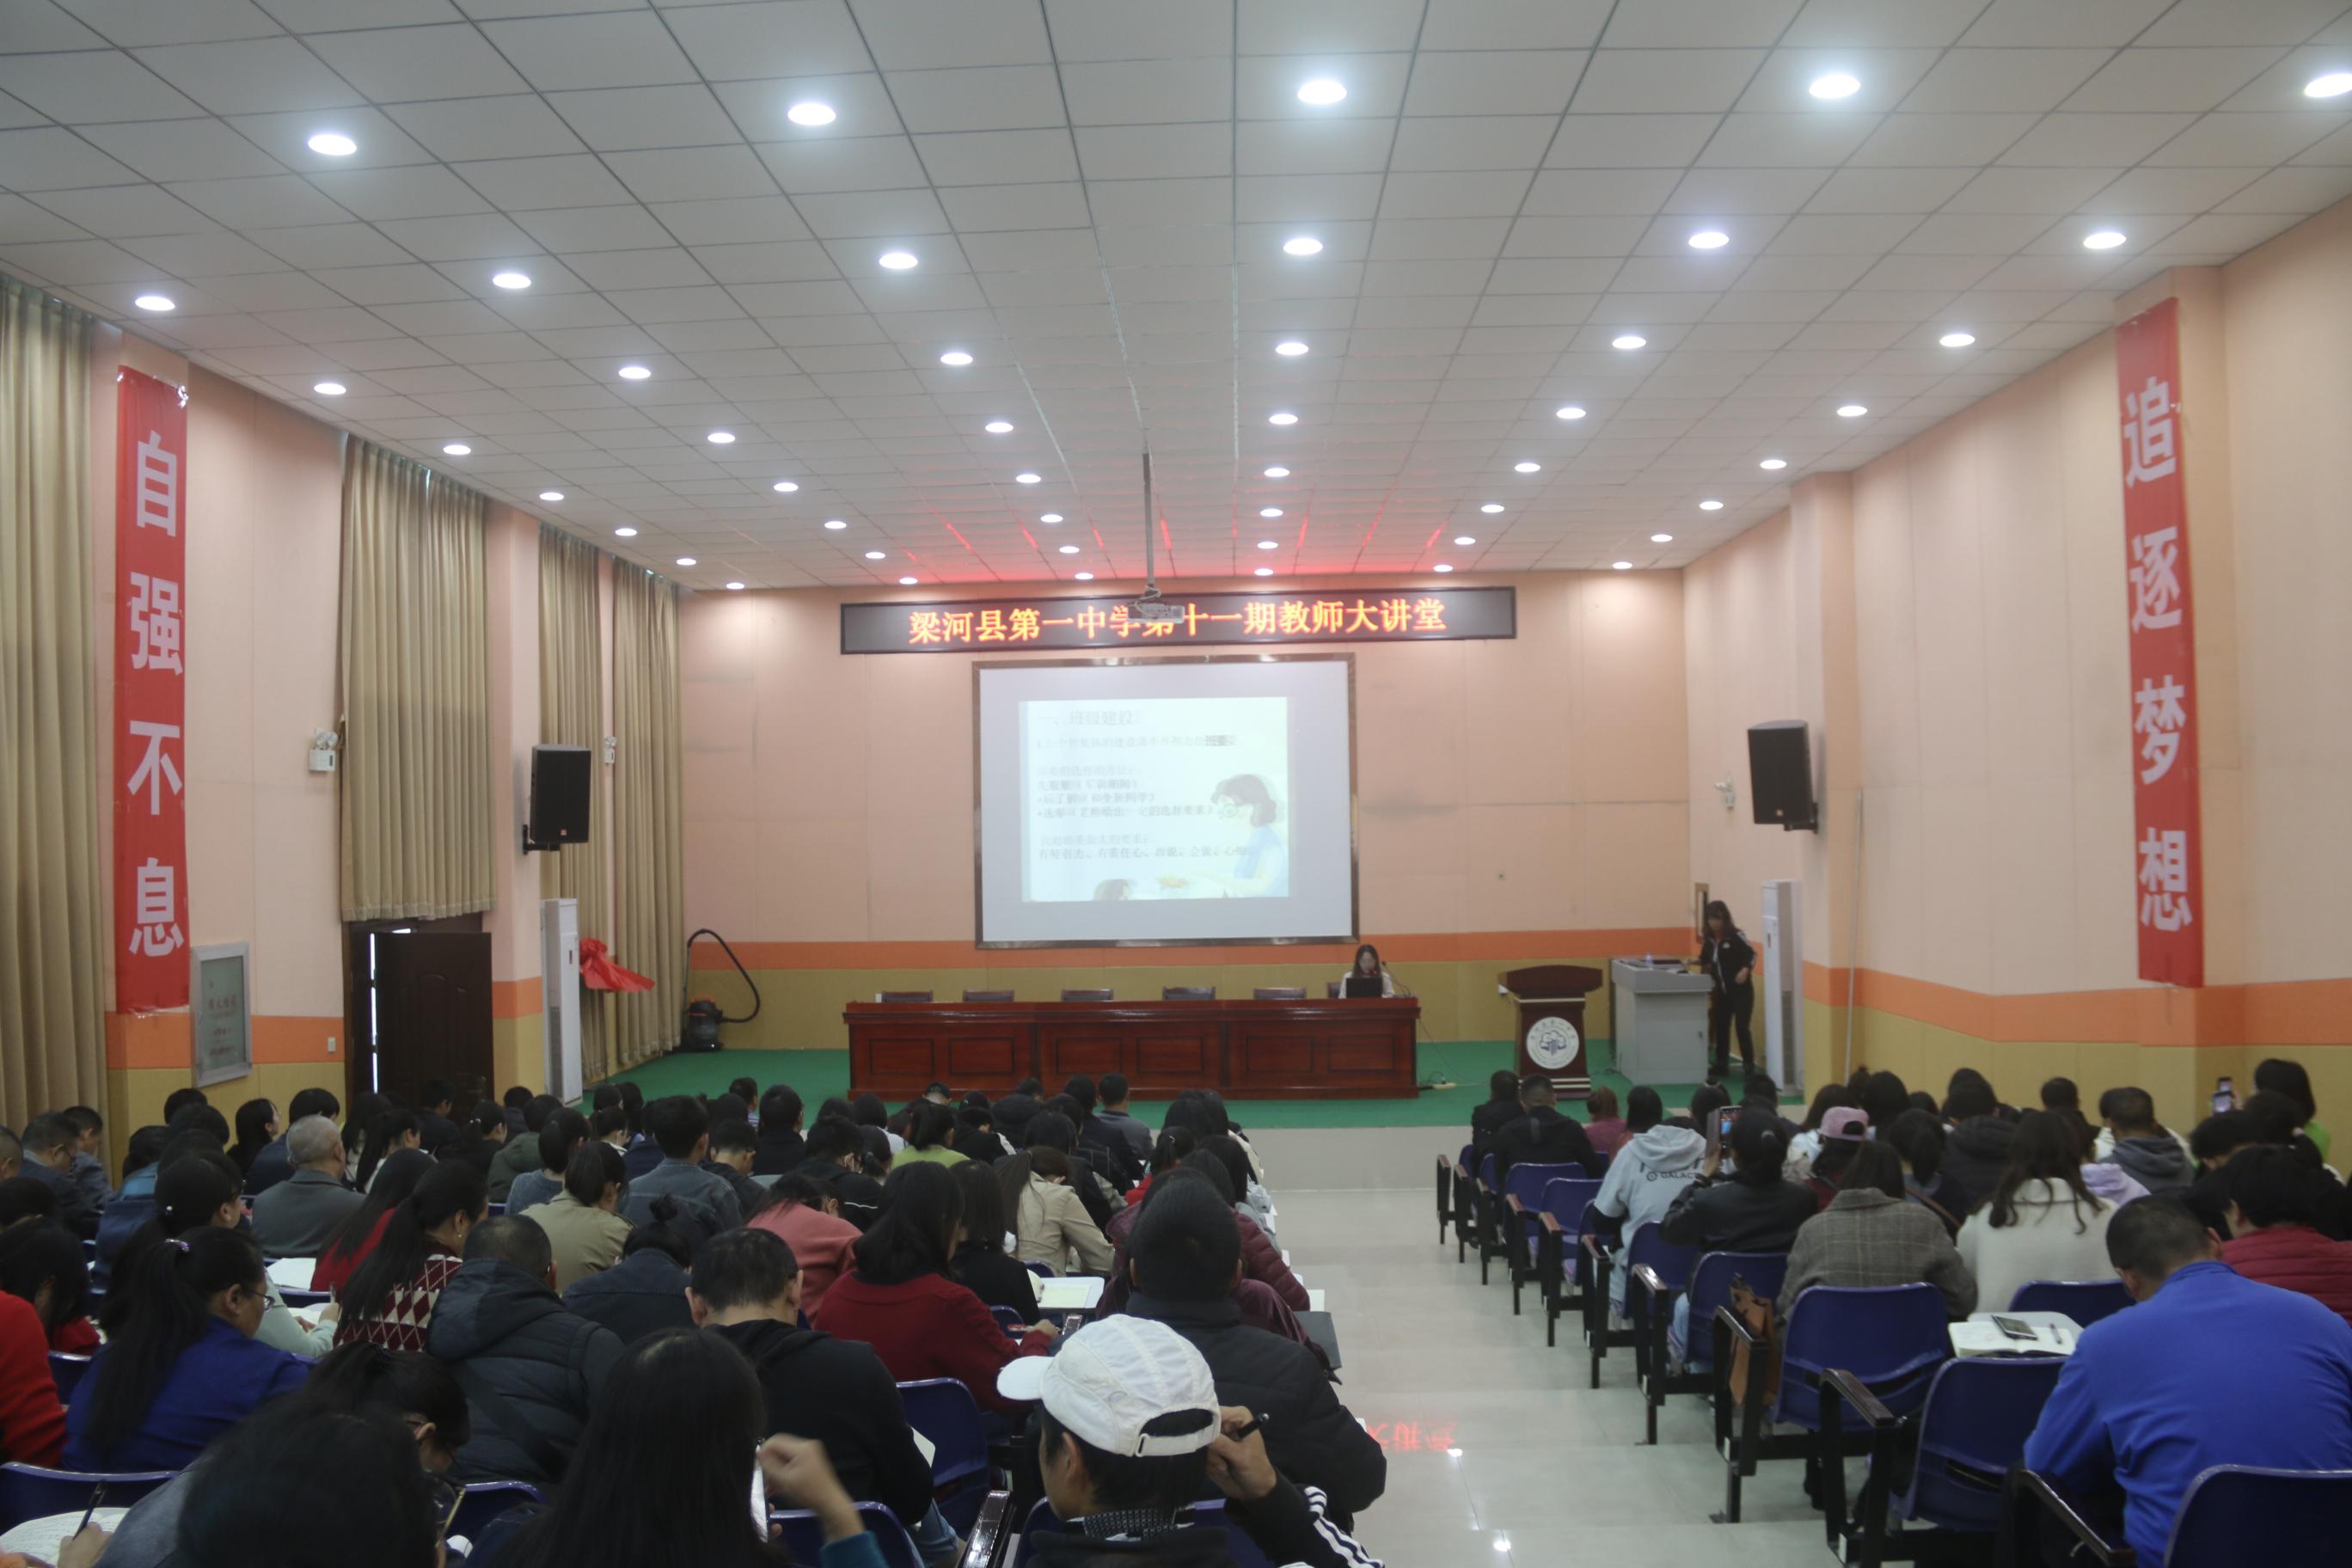 梁河县第一中学2020年秋季第十一期教师大讲堂